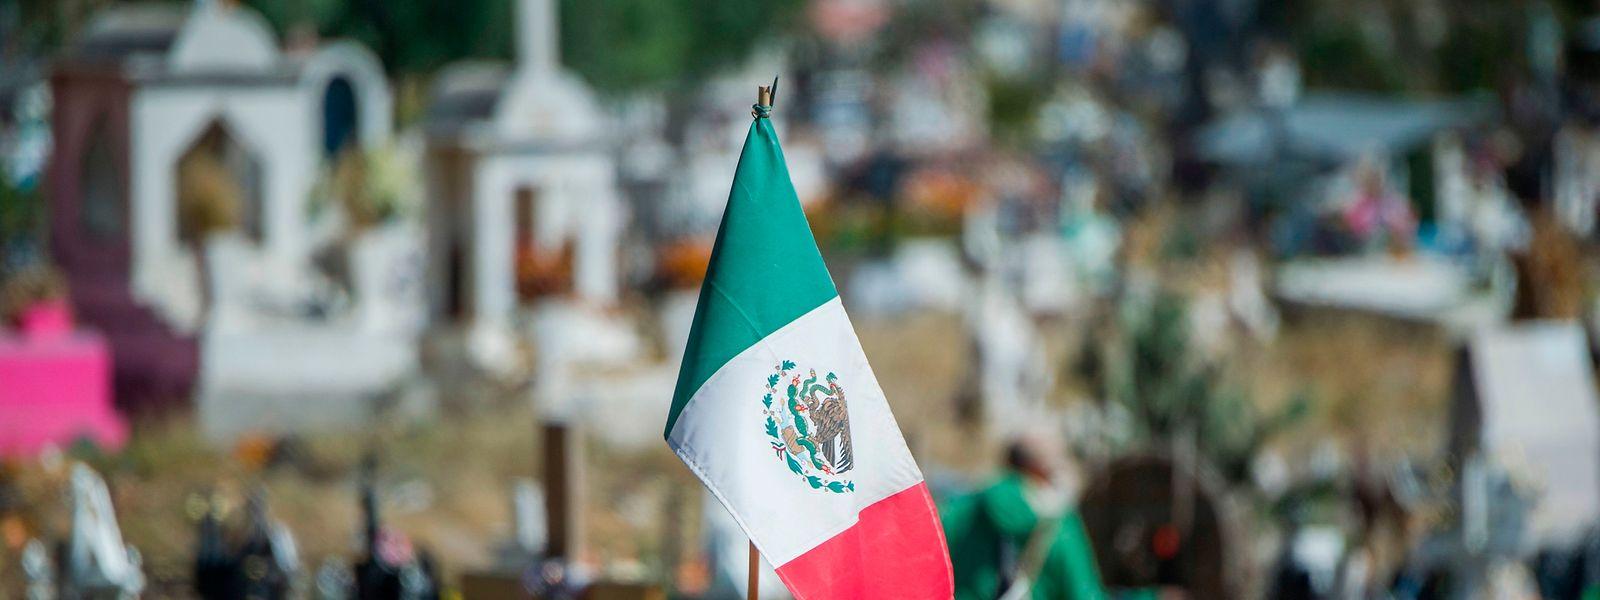 Governo mexicano indicou recentemente que 4.092 valas clandestinas foram encontradas no país desde 2006.